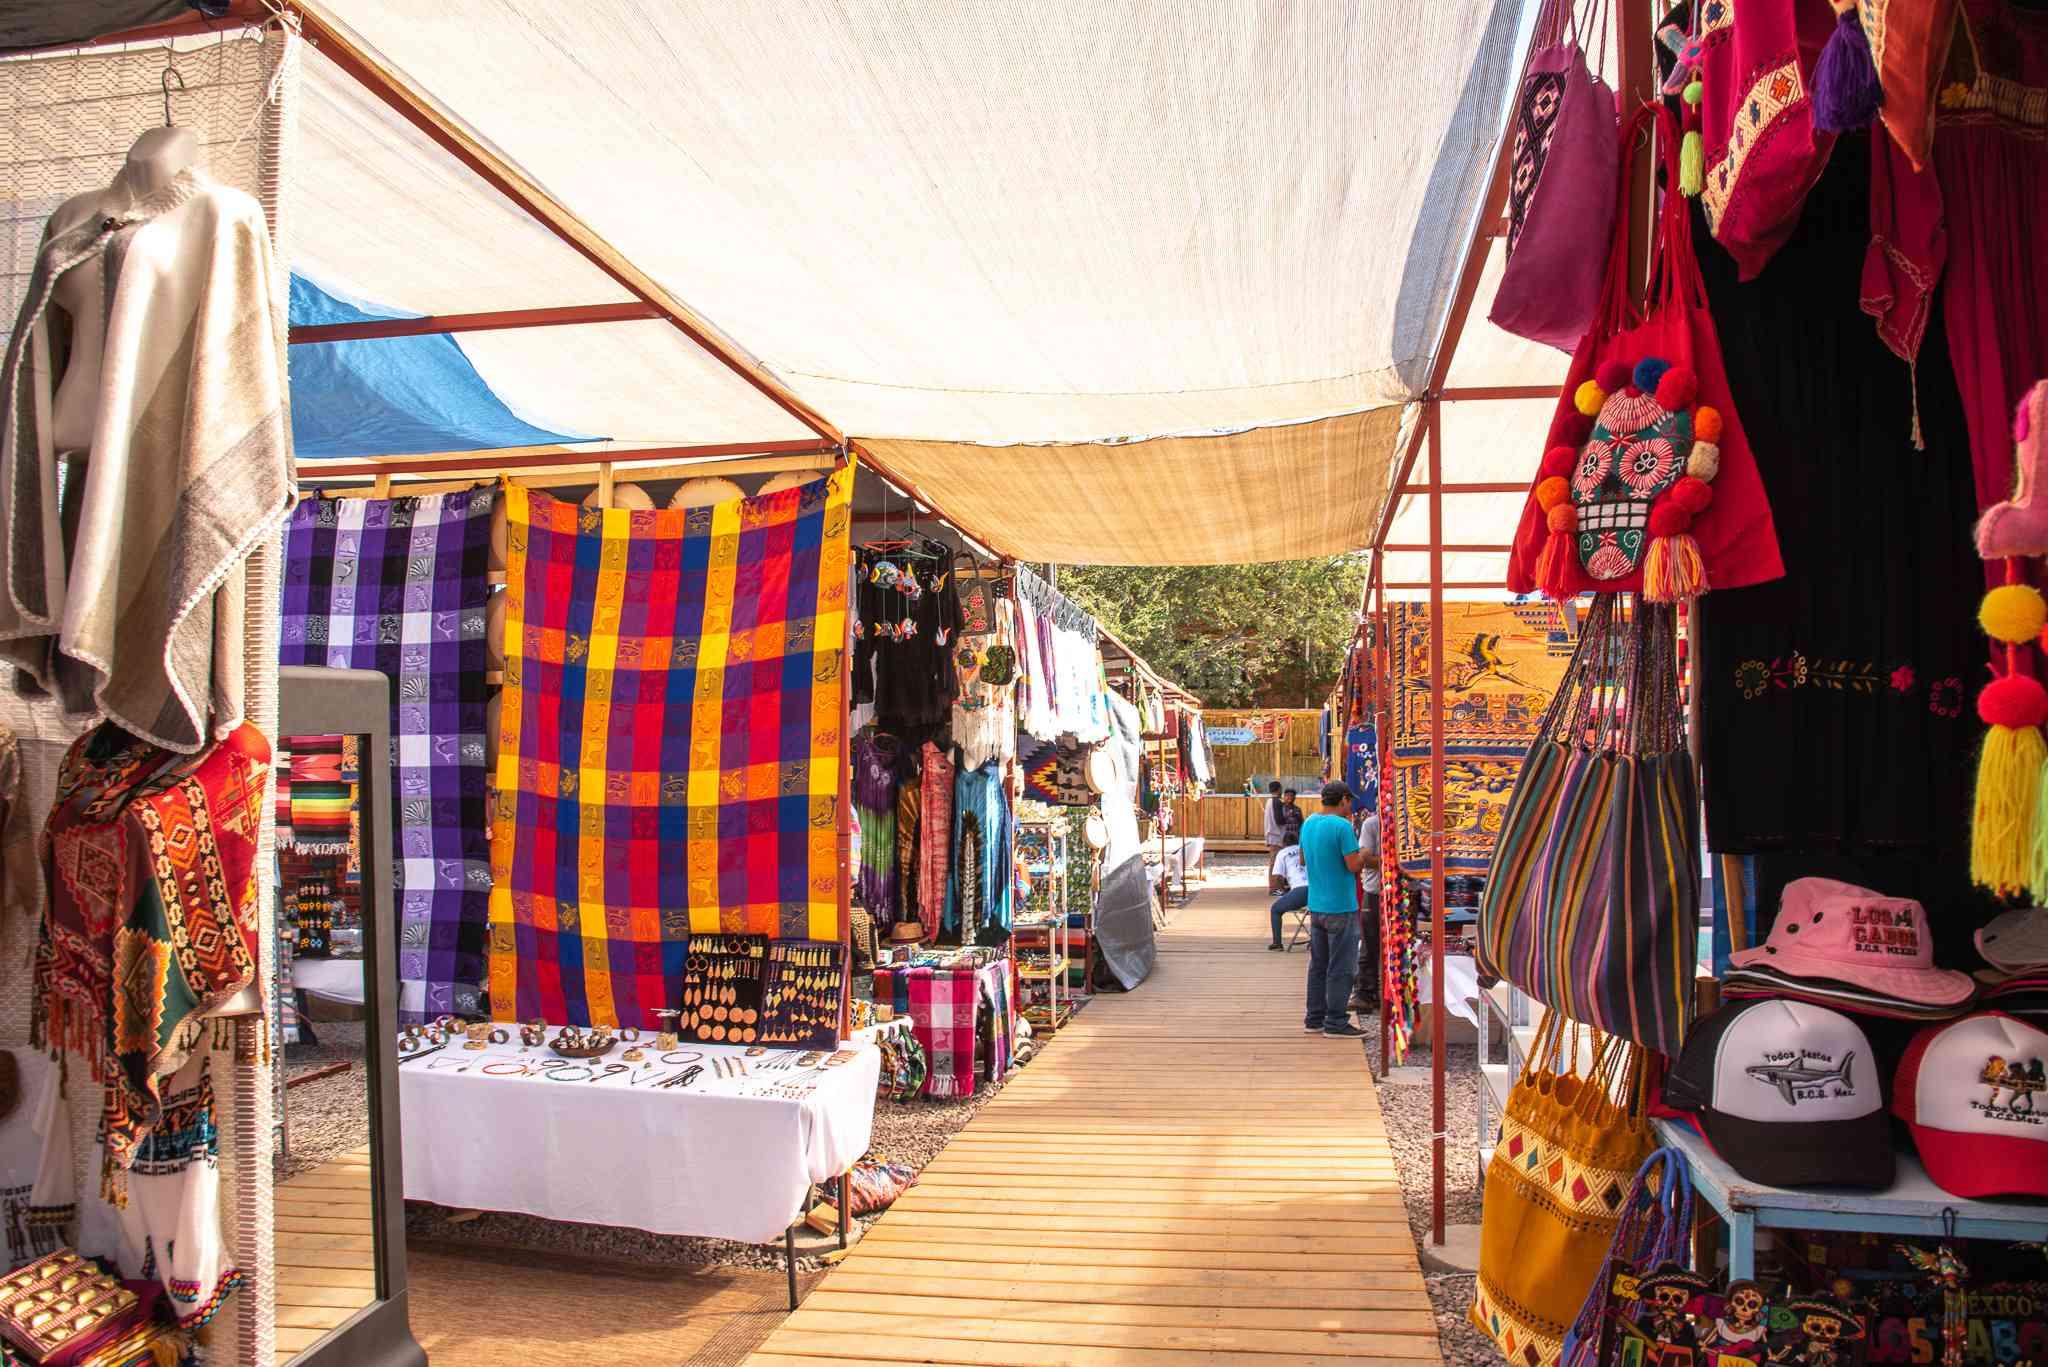 Market in Todos Santos